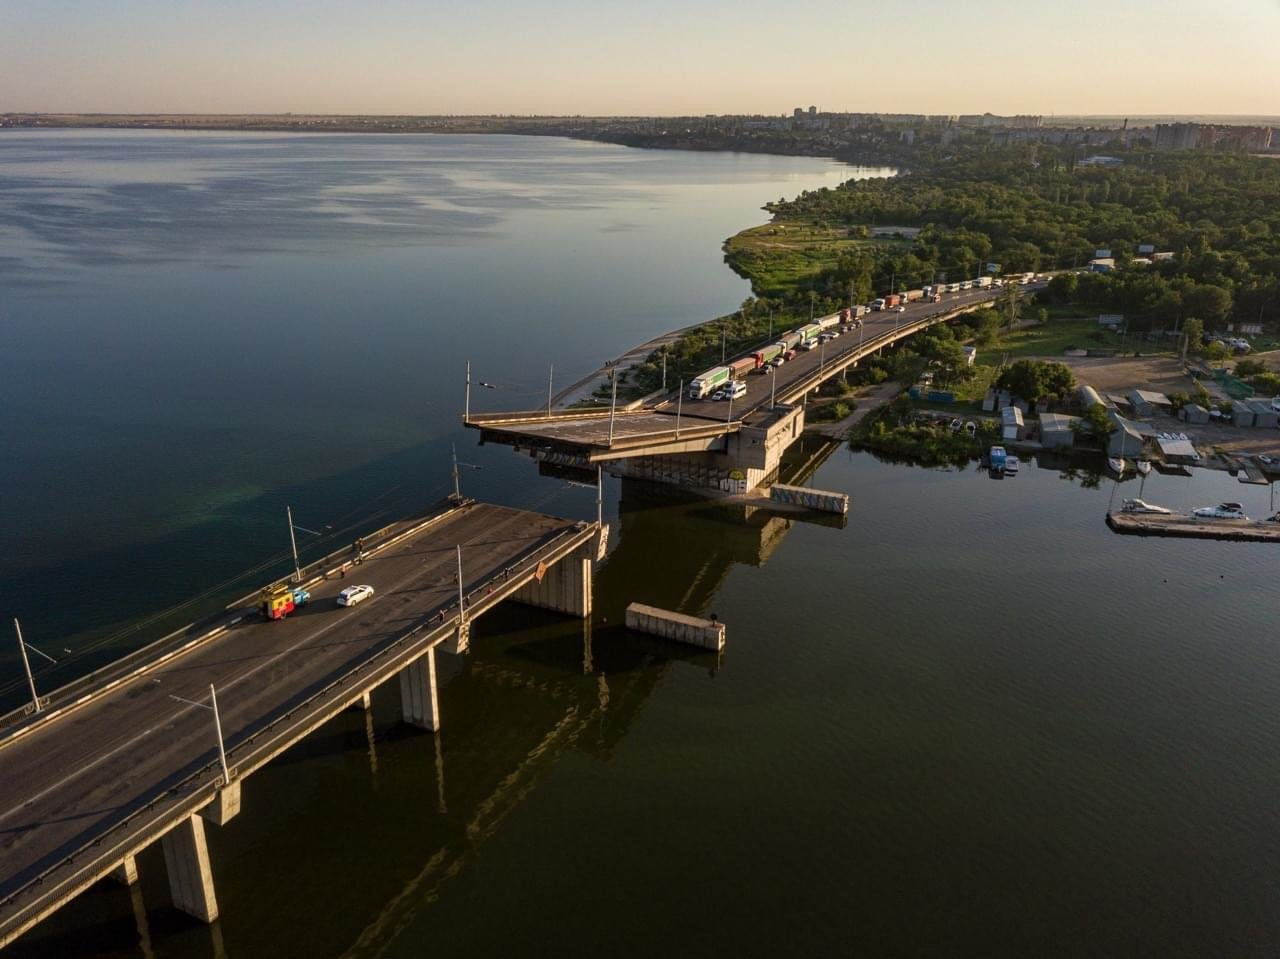 Мэр Николаева винит САД в саморазведении моста: САД сообщает, что о работах властям было известно, фото-2